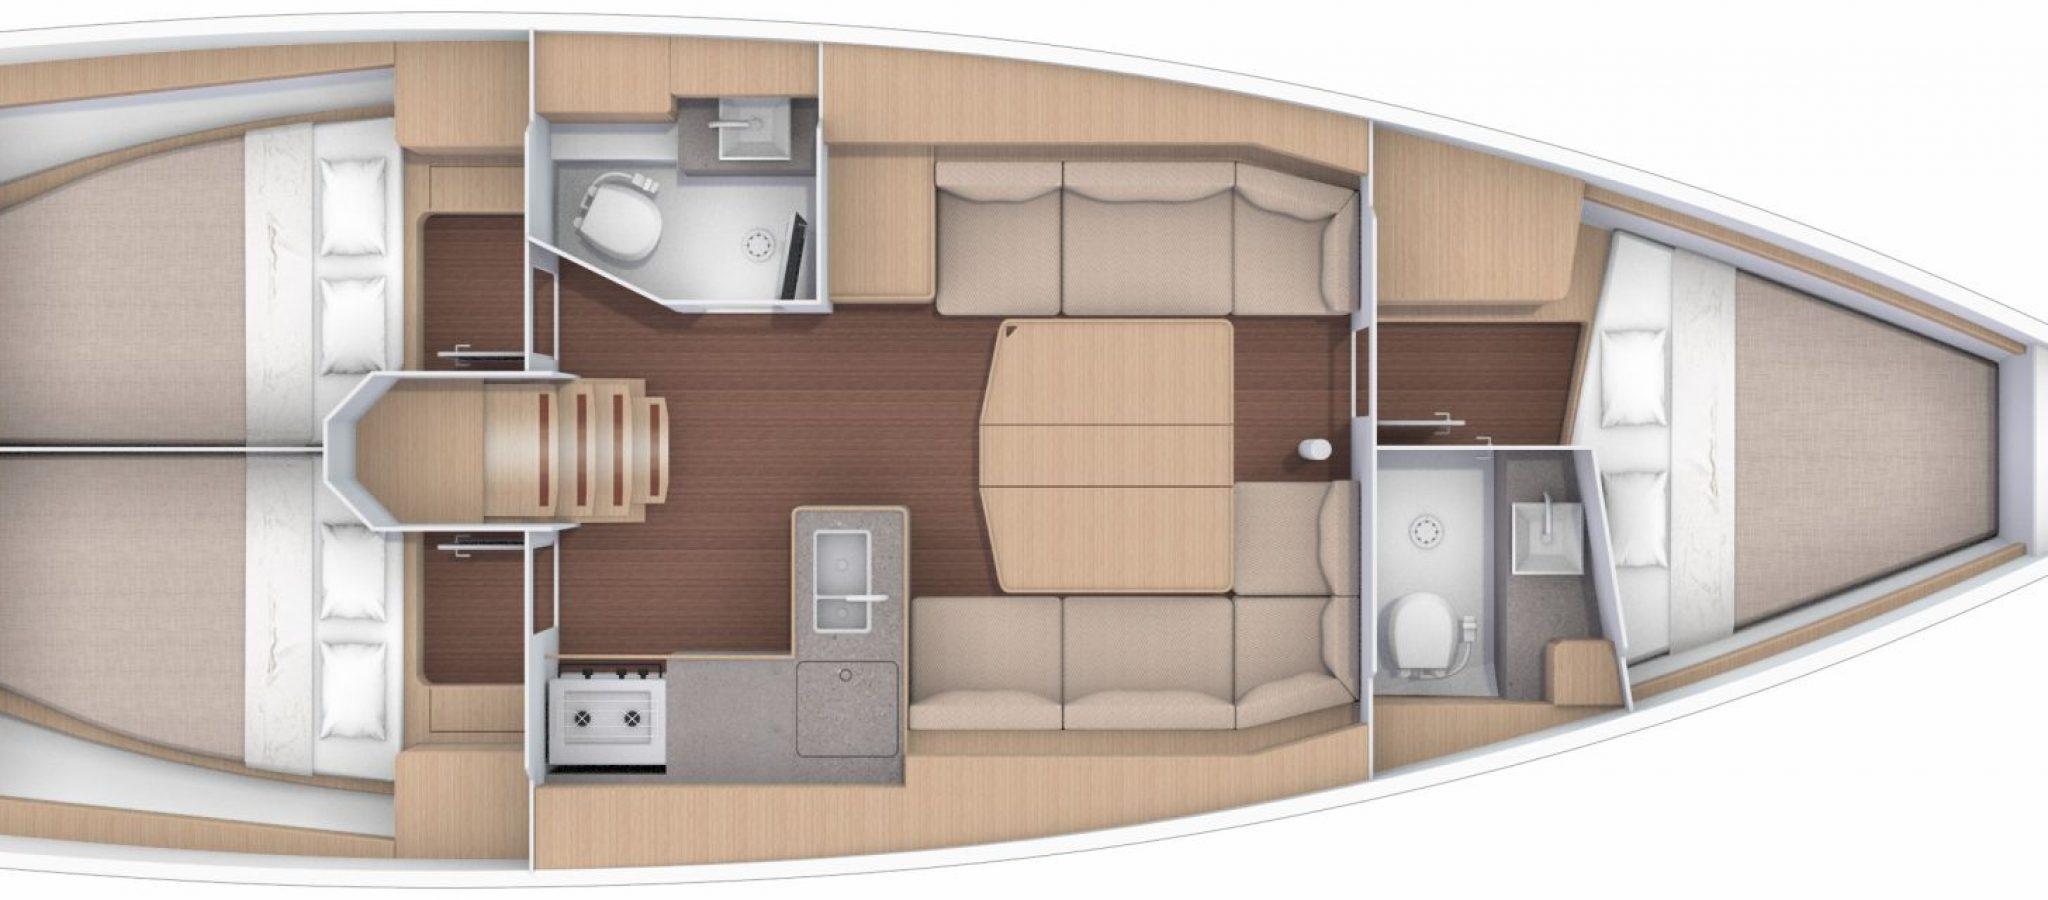 Location voilier Dufour 390GL plan 3 cabines